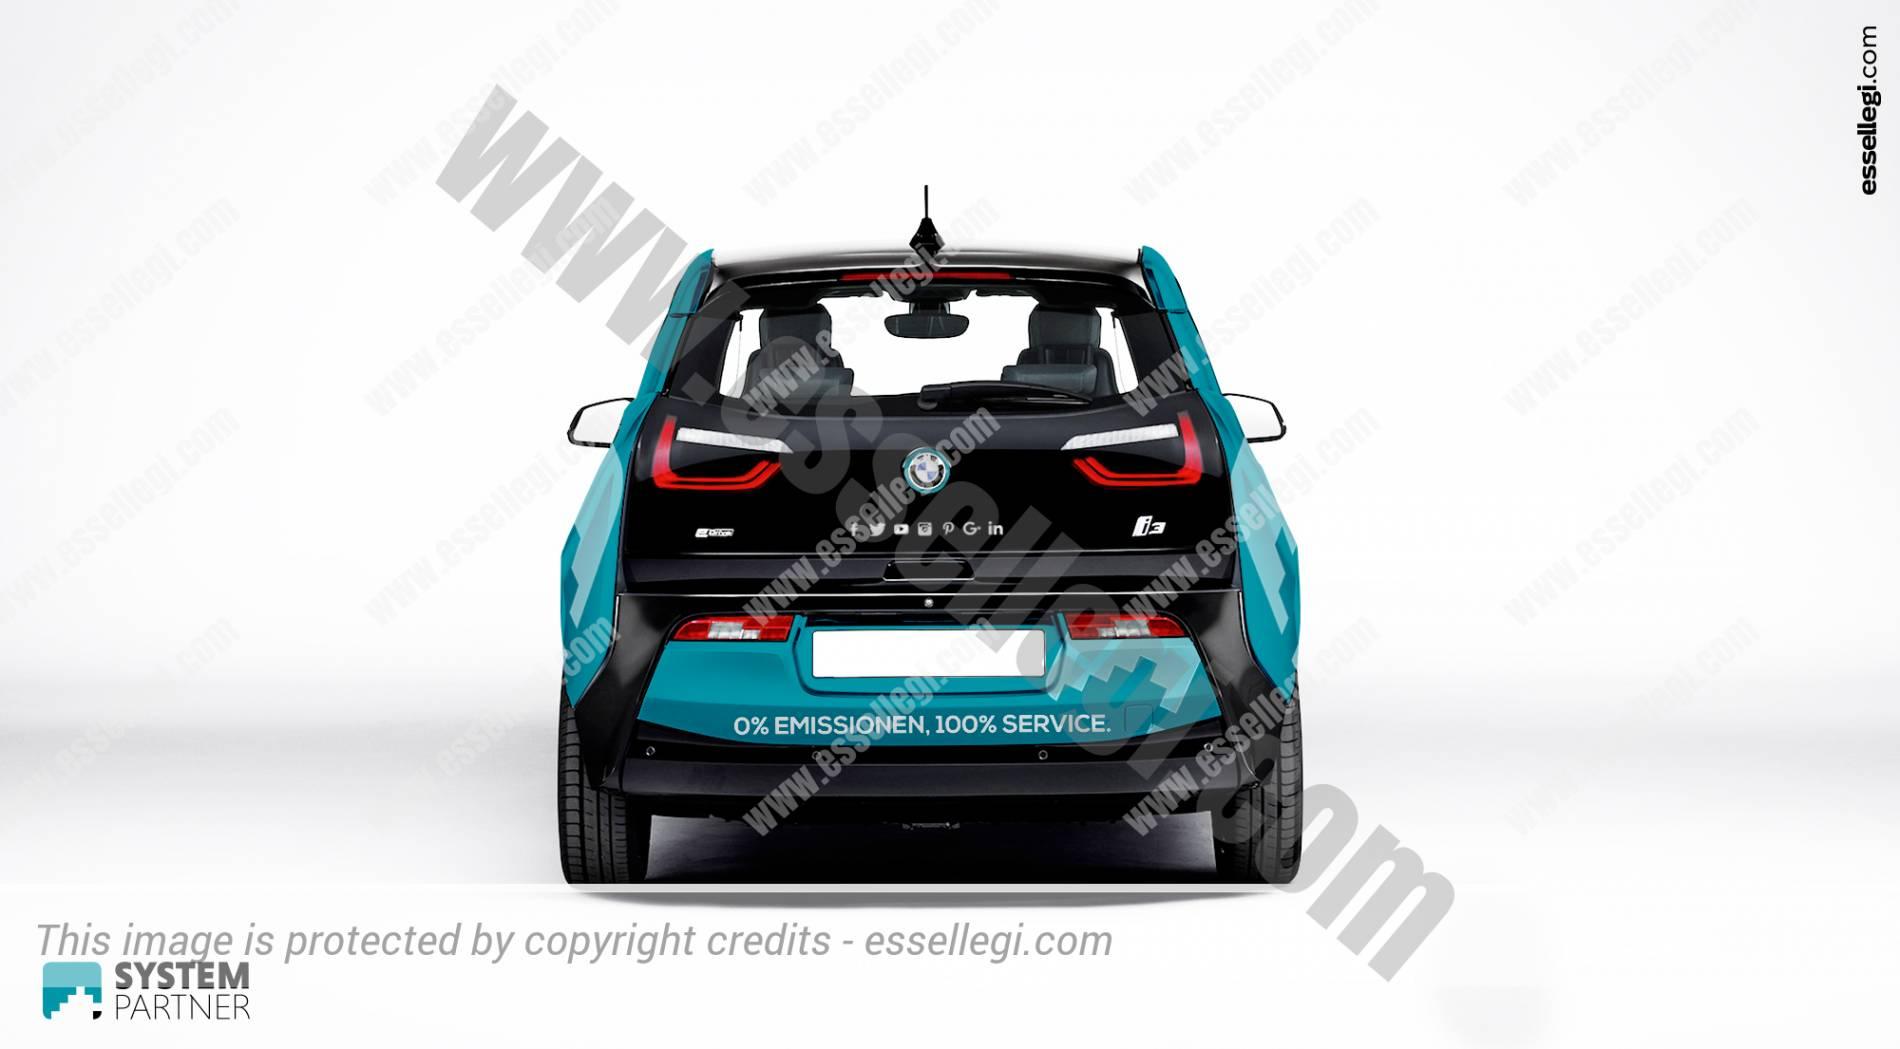 BMW i3 |Car Wrap Design by Essellegi. Car Signs, Car Signage, Car Signwriting, Car Wrap Designer, Car Wrap Design by Essellegi.